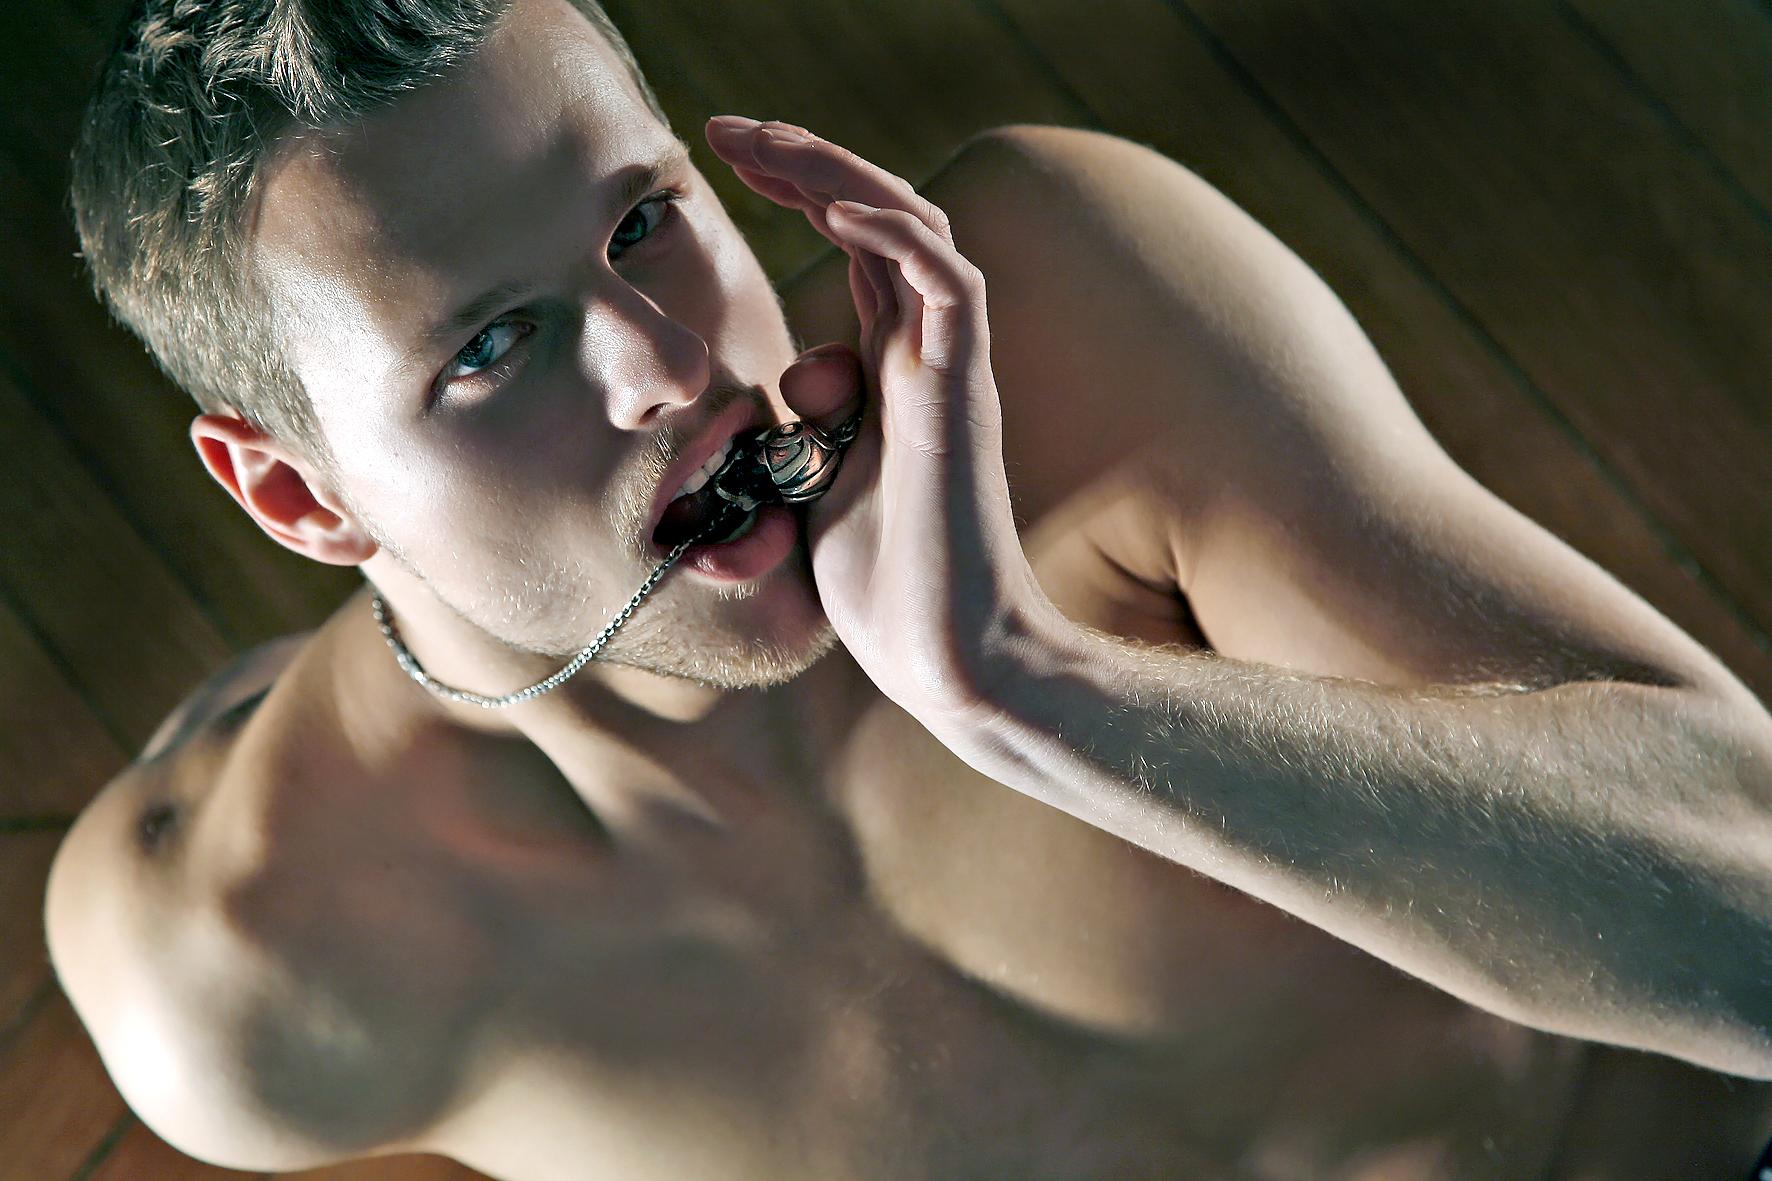 Blake man blake woman fukking nud photo nude download